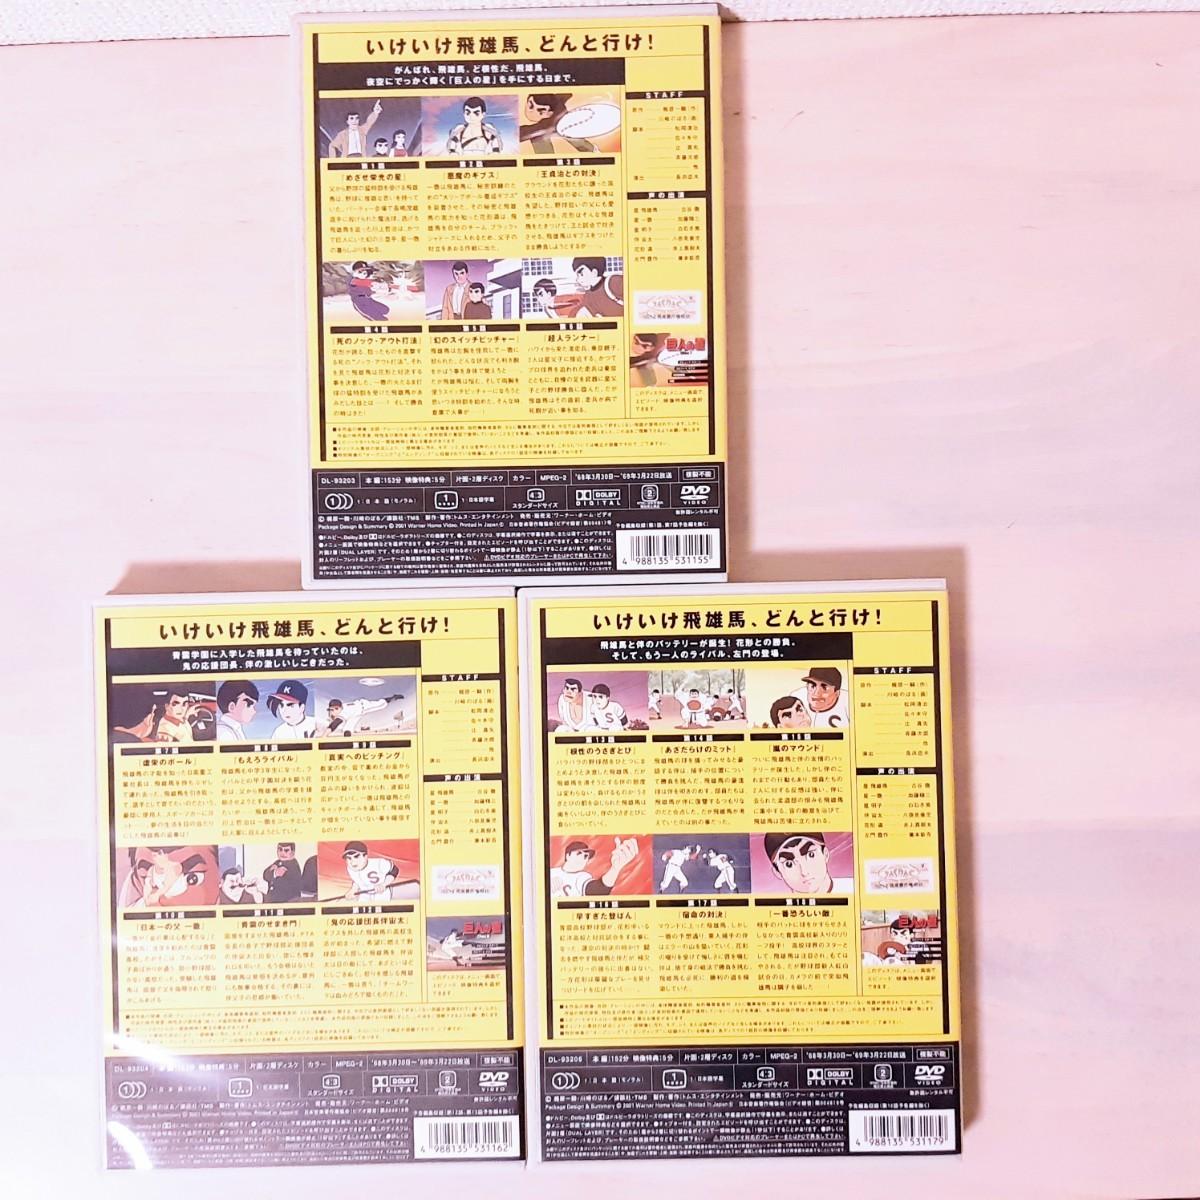 初回限定「巨人の星 コレクターズBOX~青雲編 Vol.1」未開封のめんこ3枚付  DVD